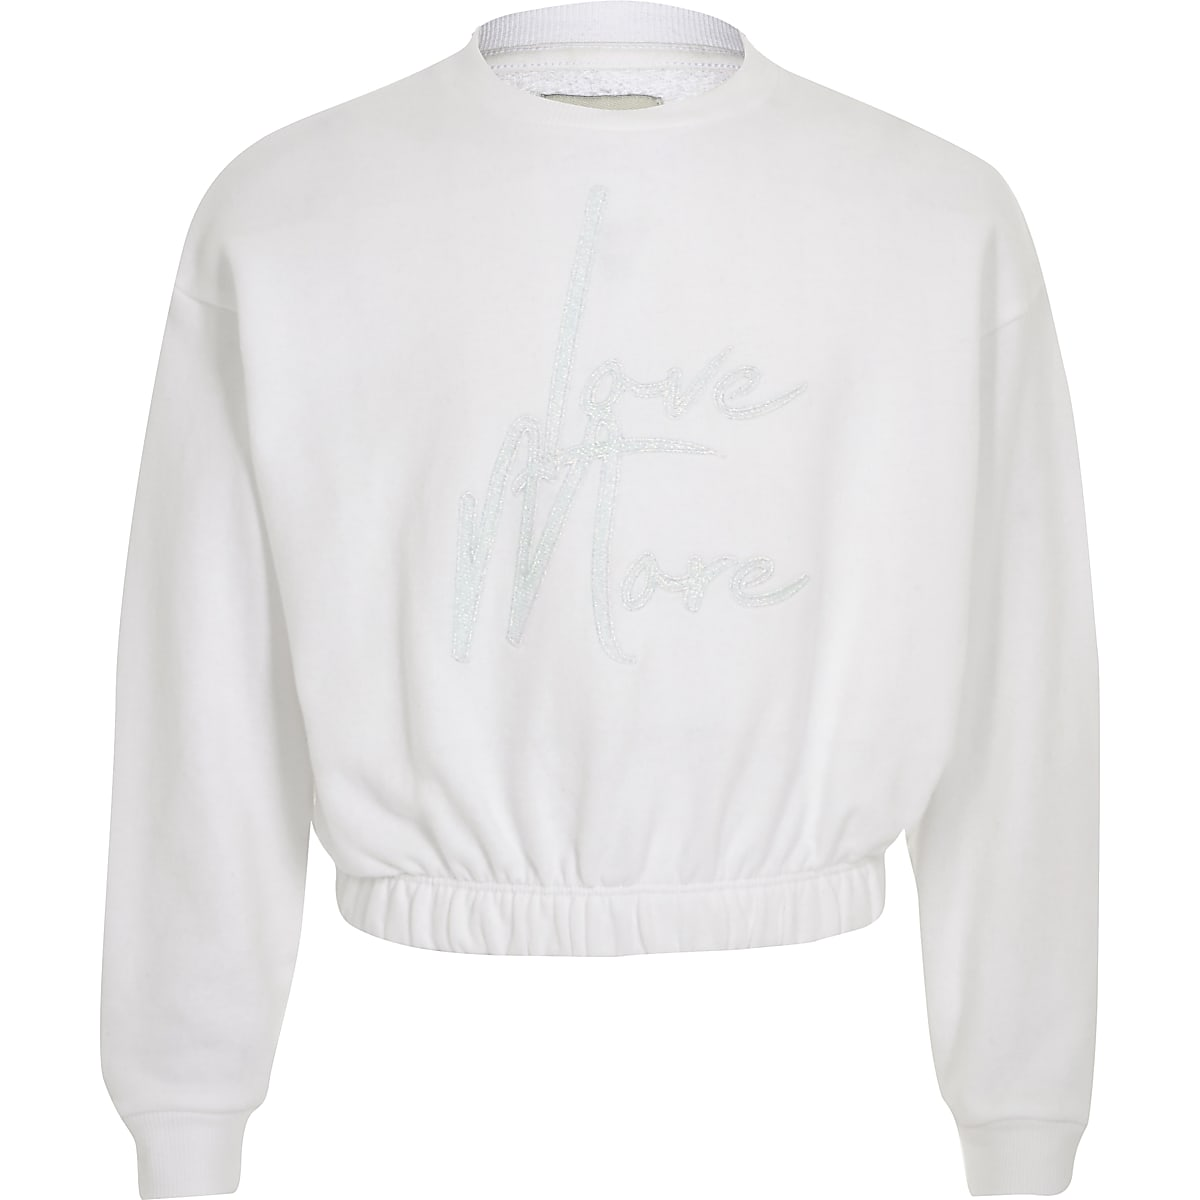 Girls white 'Love more' sweatshirt